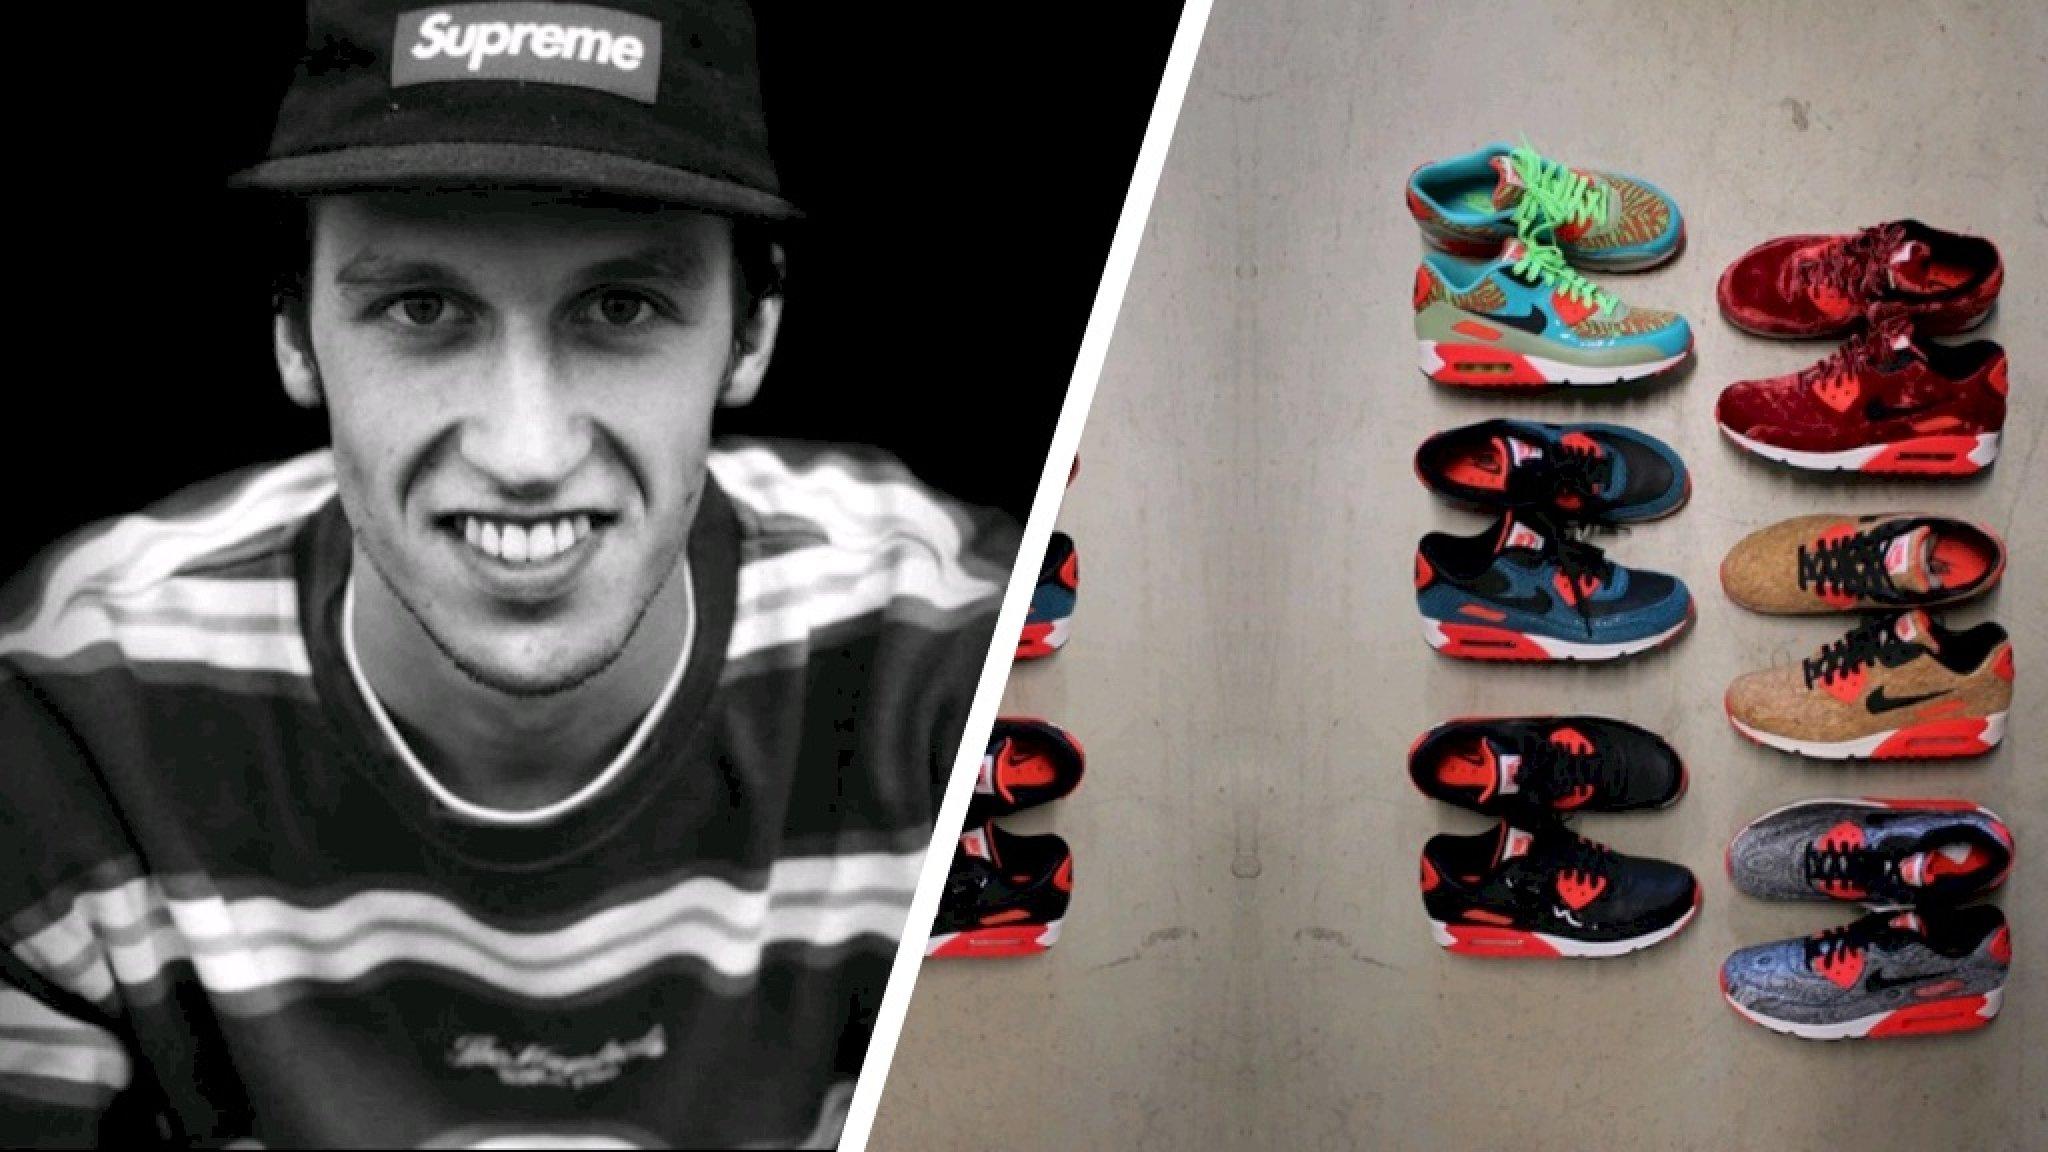 Tijn beroofd van enorme sneakercollectie: 'Sommige zijn uniek op de wereld' - RTL Nieuws